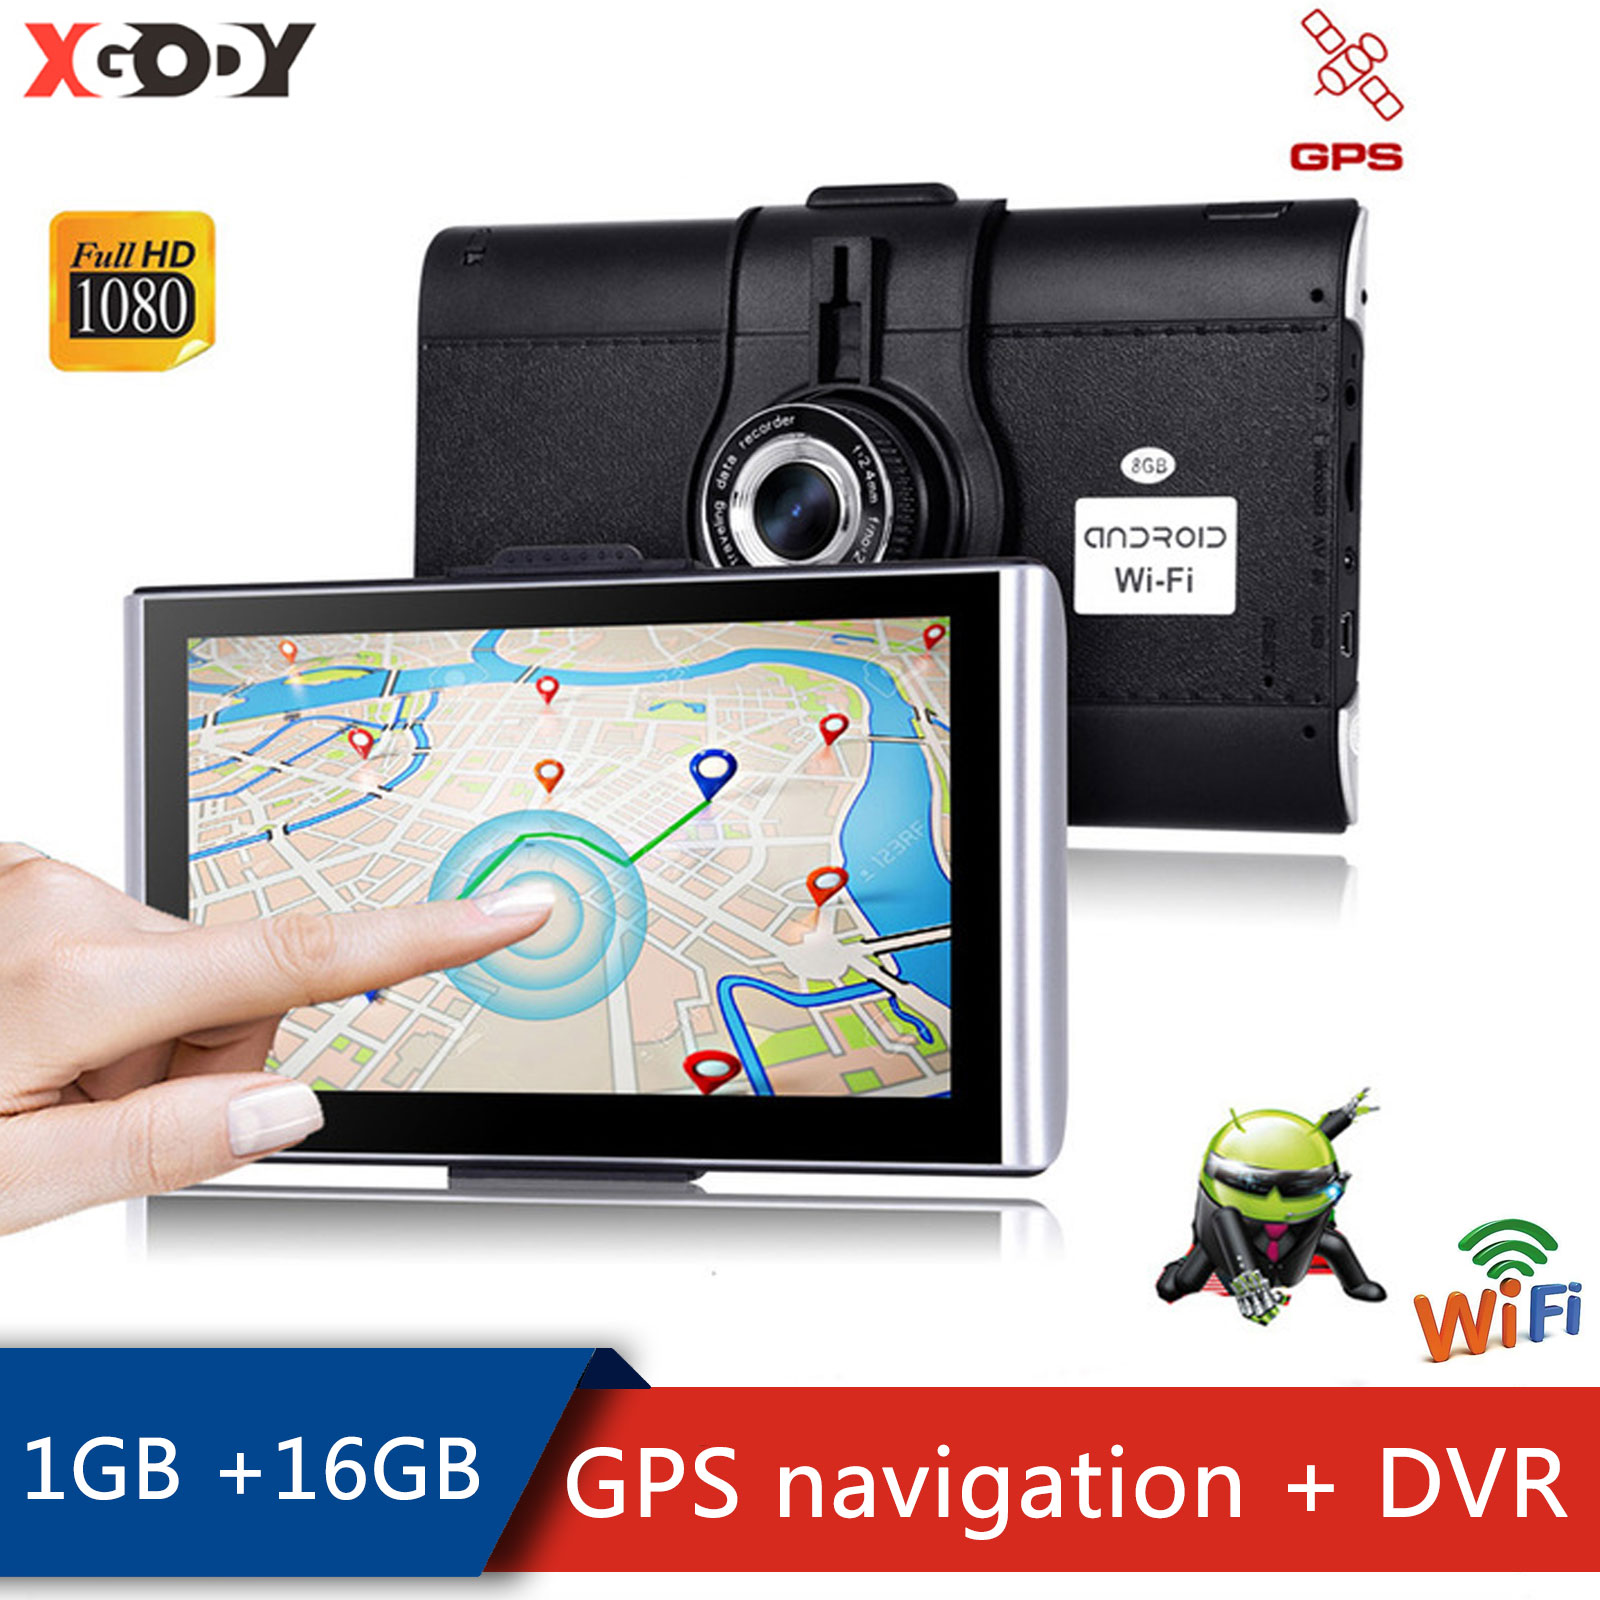 XGODY-ملاح GPS للسيارة ، شاشة 7 بوصة ، Android ، 1 جيجابايت 16 جيجابايت ، شاشة تعمل باللمس ، WiFi ، كاميرا لوحة القيادة ، DVR